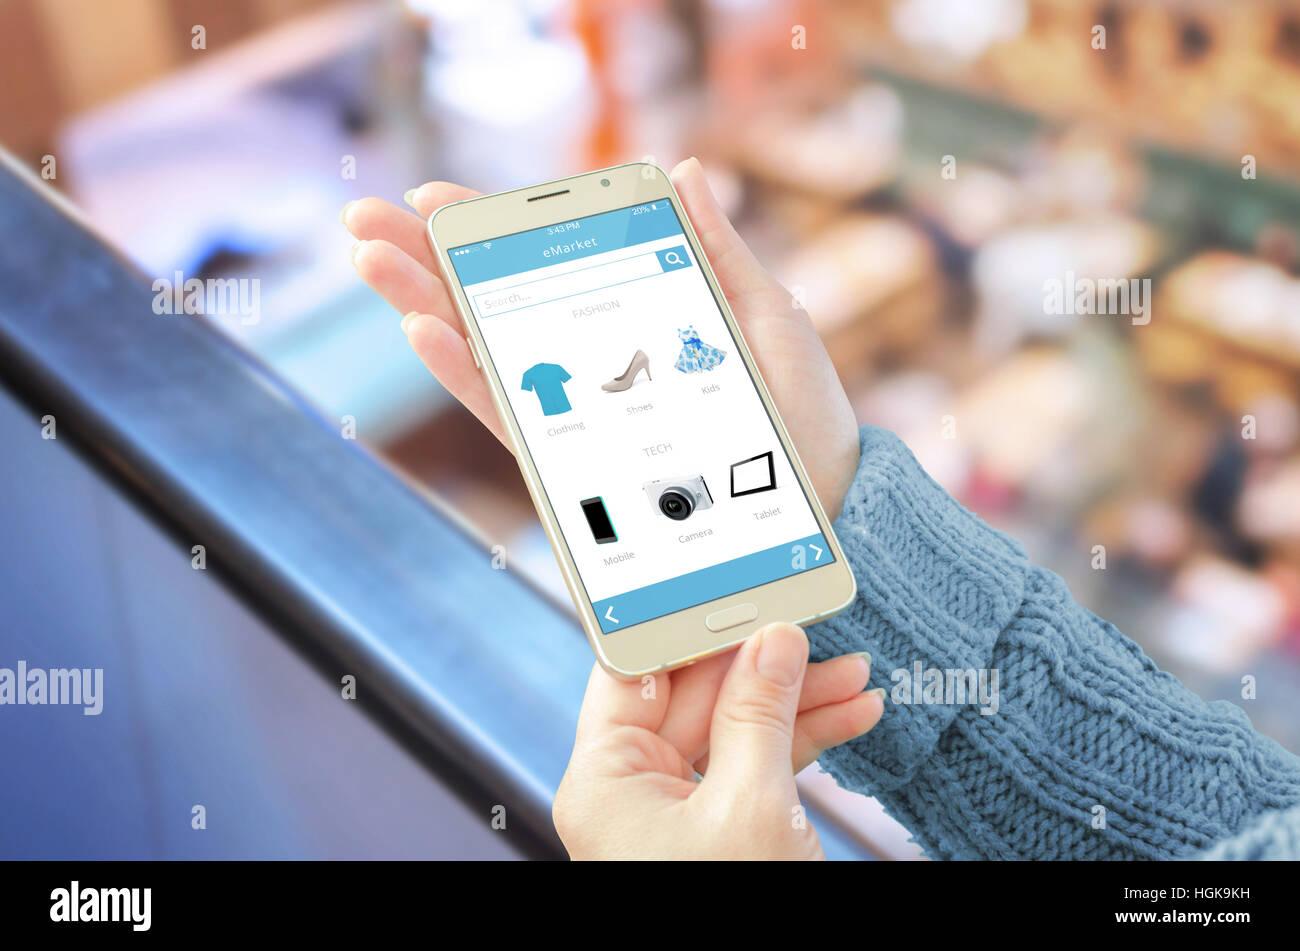 1f710a1e3 La donna che mostra online shop app sul telefono cellulare. Centro  commerciale in background.